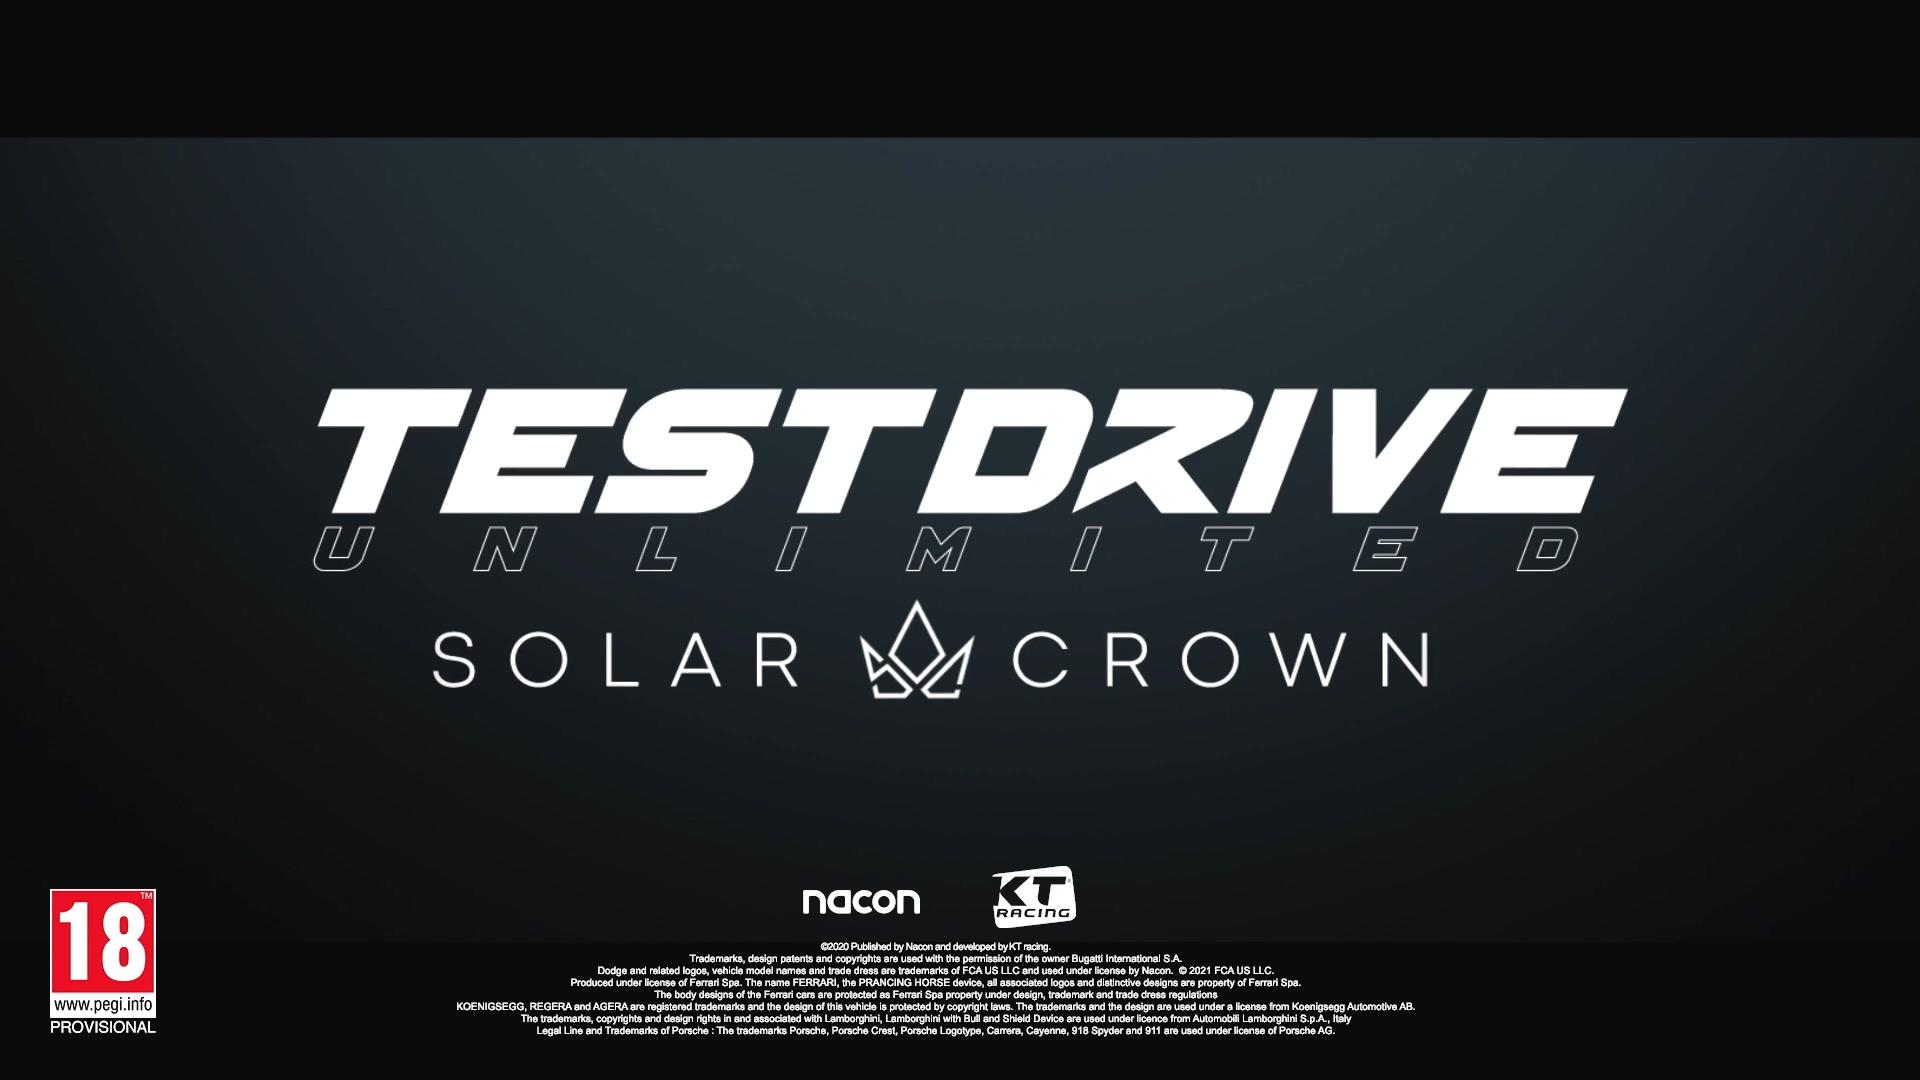 《无限试驾》新作正式公布 开放世界、支持中文